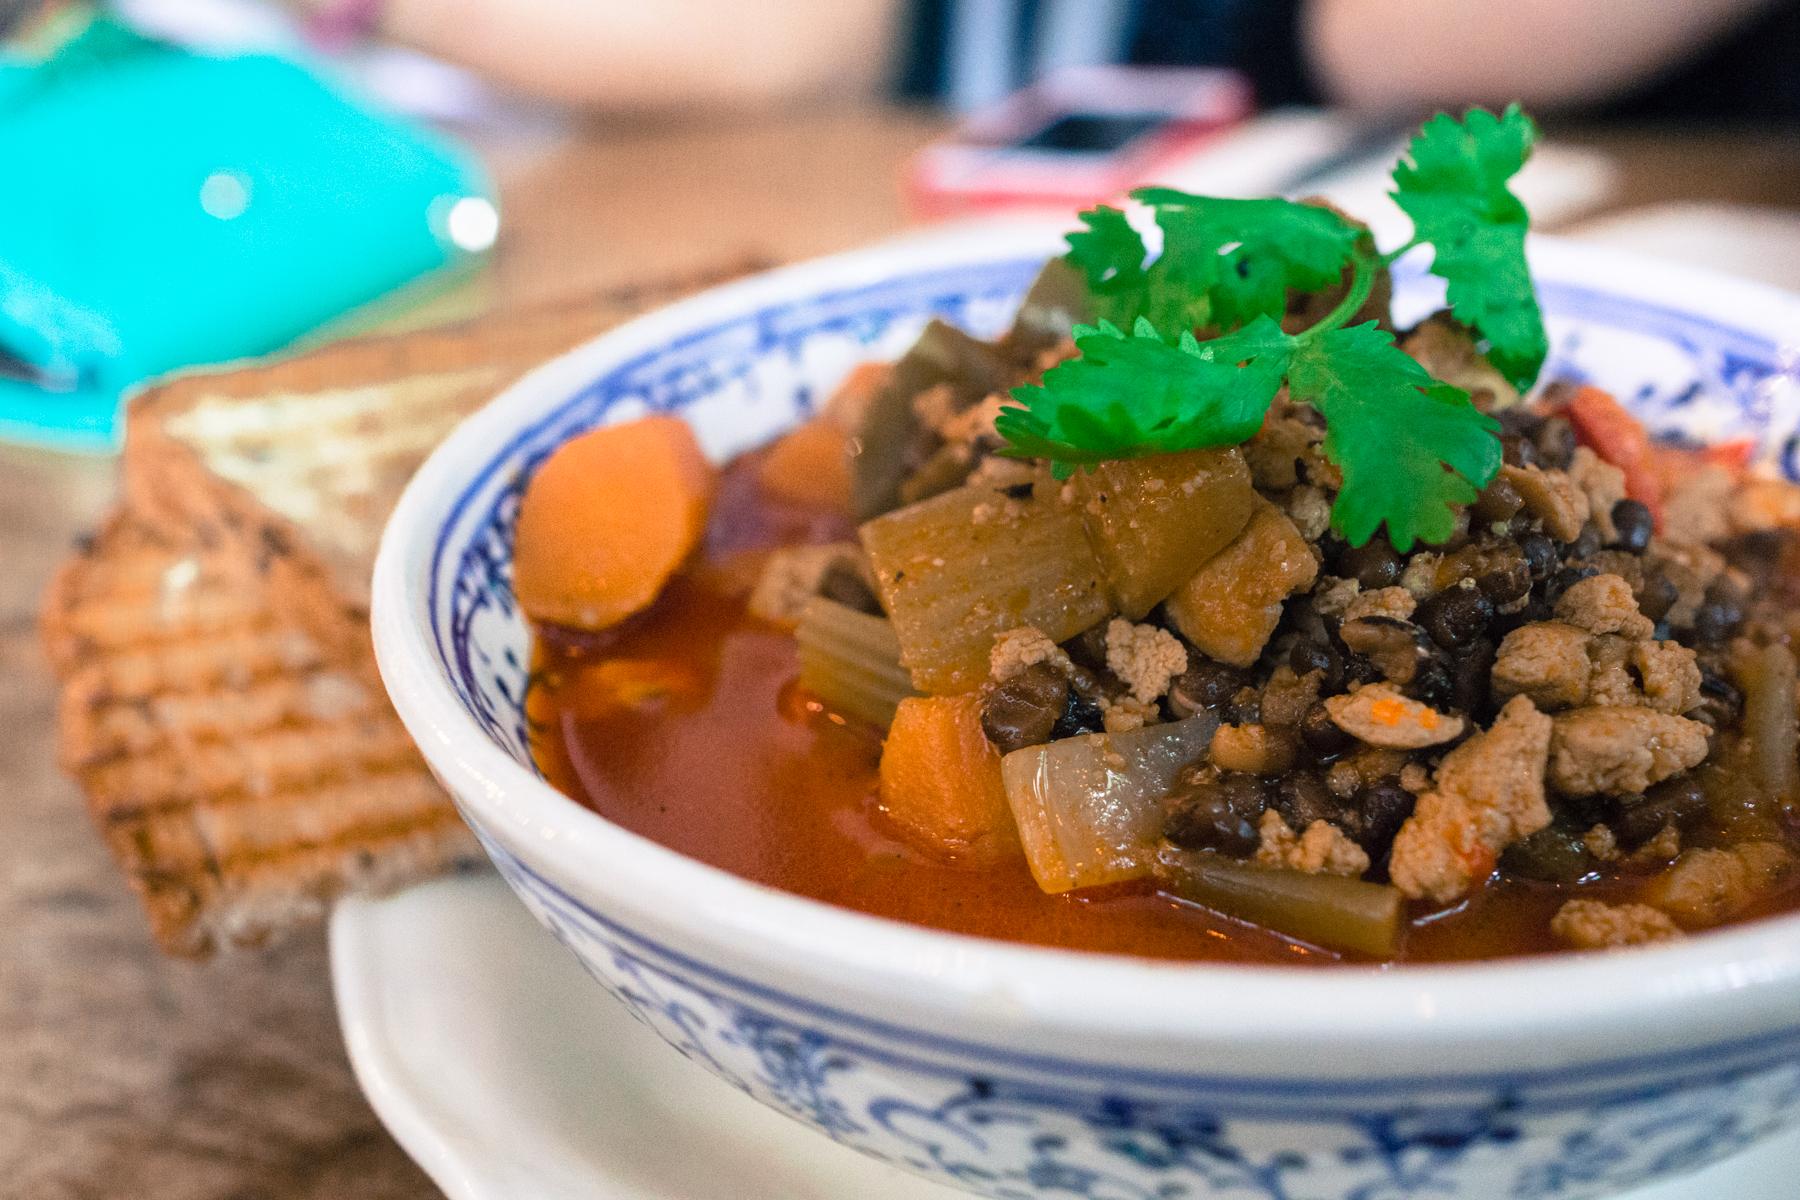 hong-kong-vegan-glutten-free-vegetarian-prune-restaurant-cafe-7